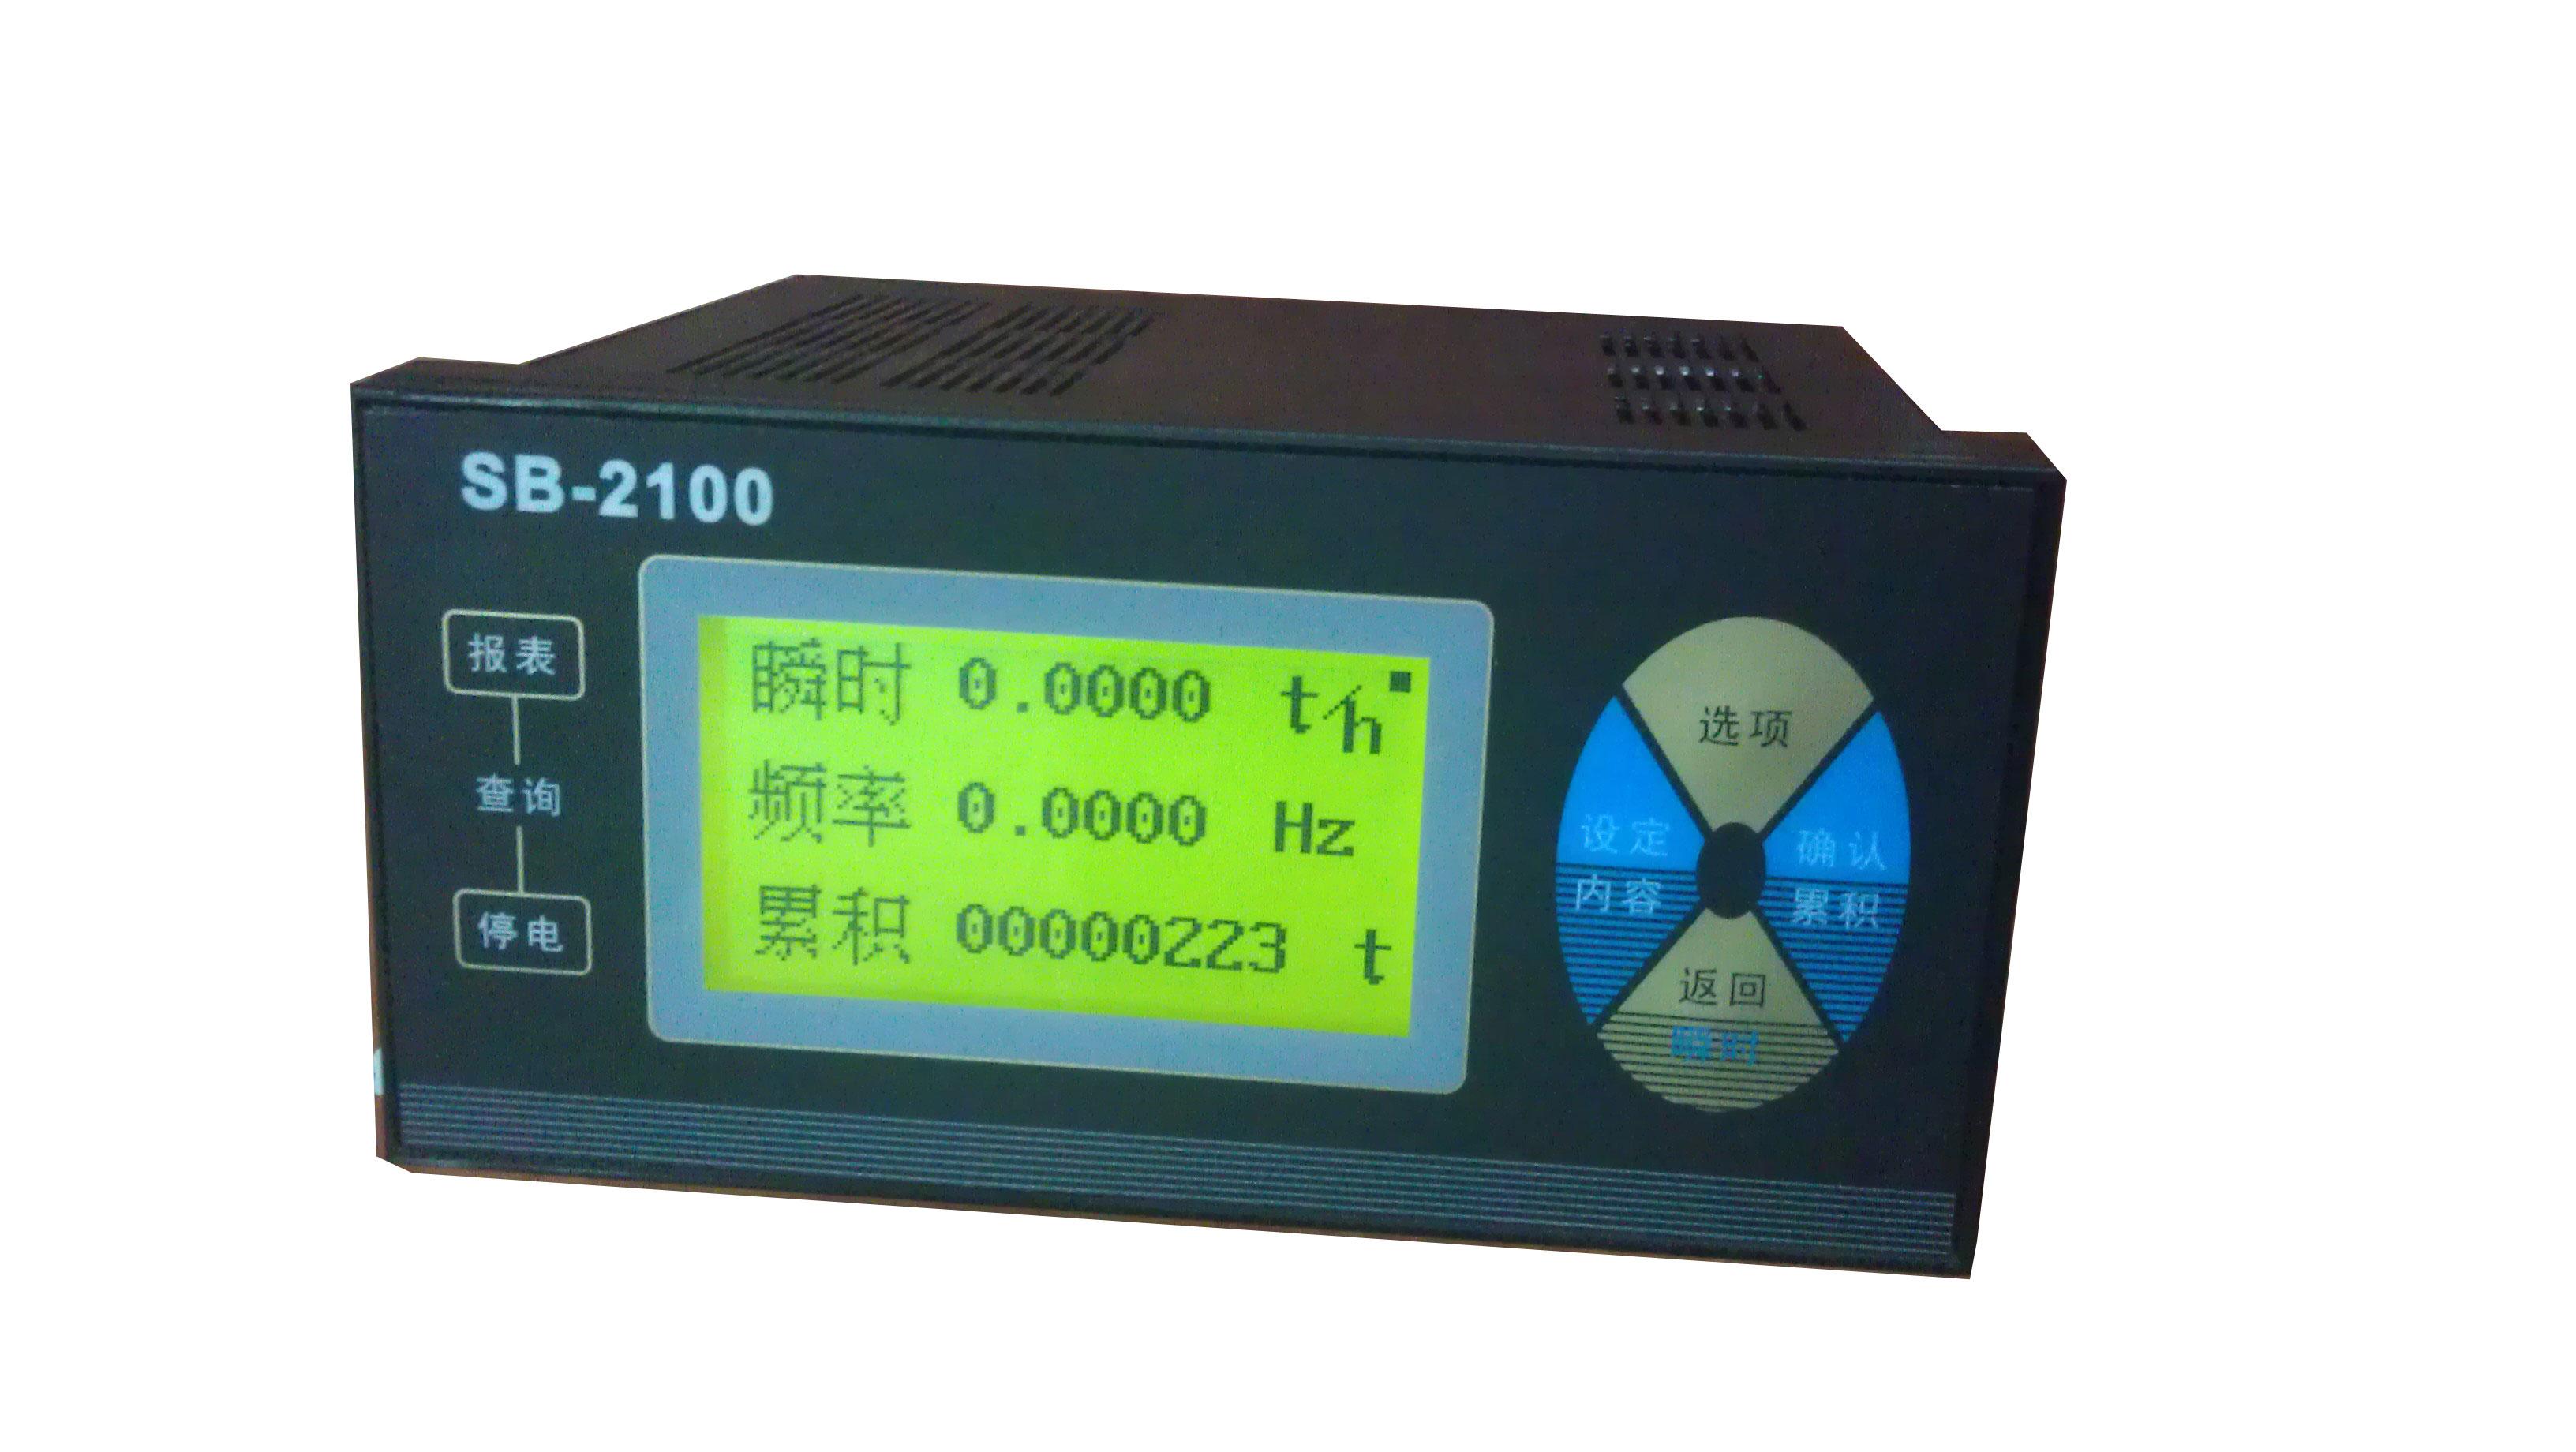 流量积算仪   流量显示仪表 液晶显示仪 流量计数器